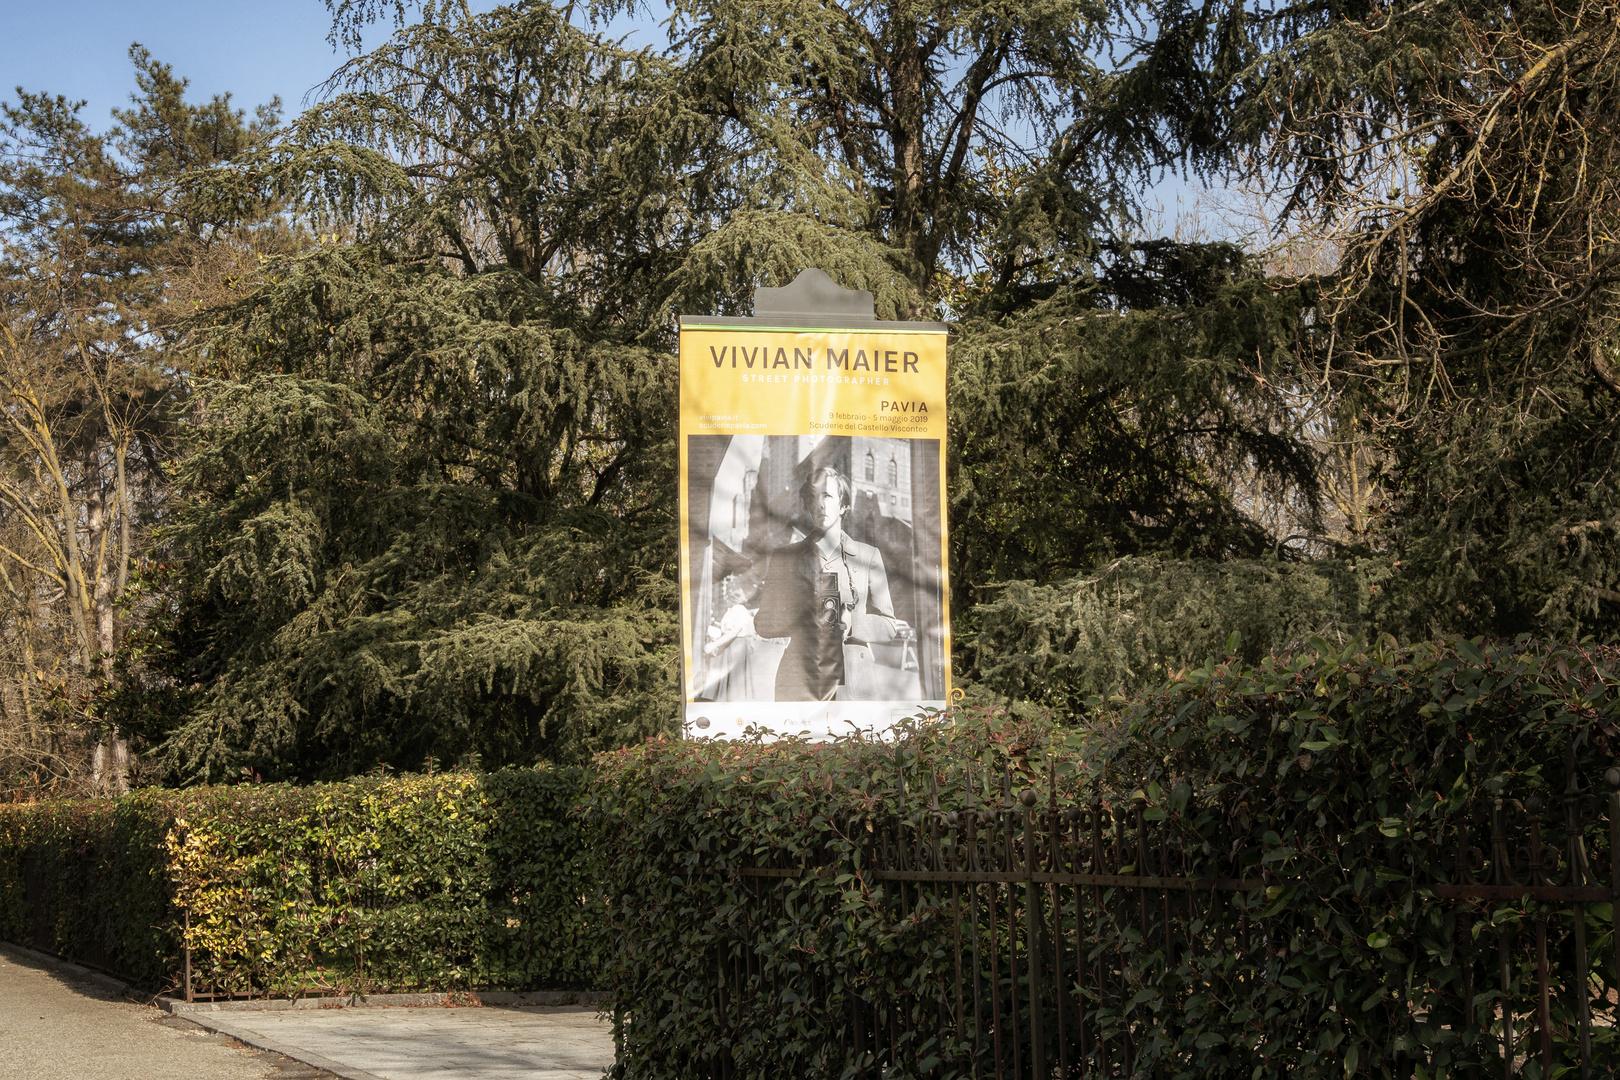 Omaggio a Vivian Maier